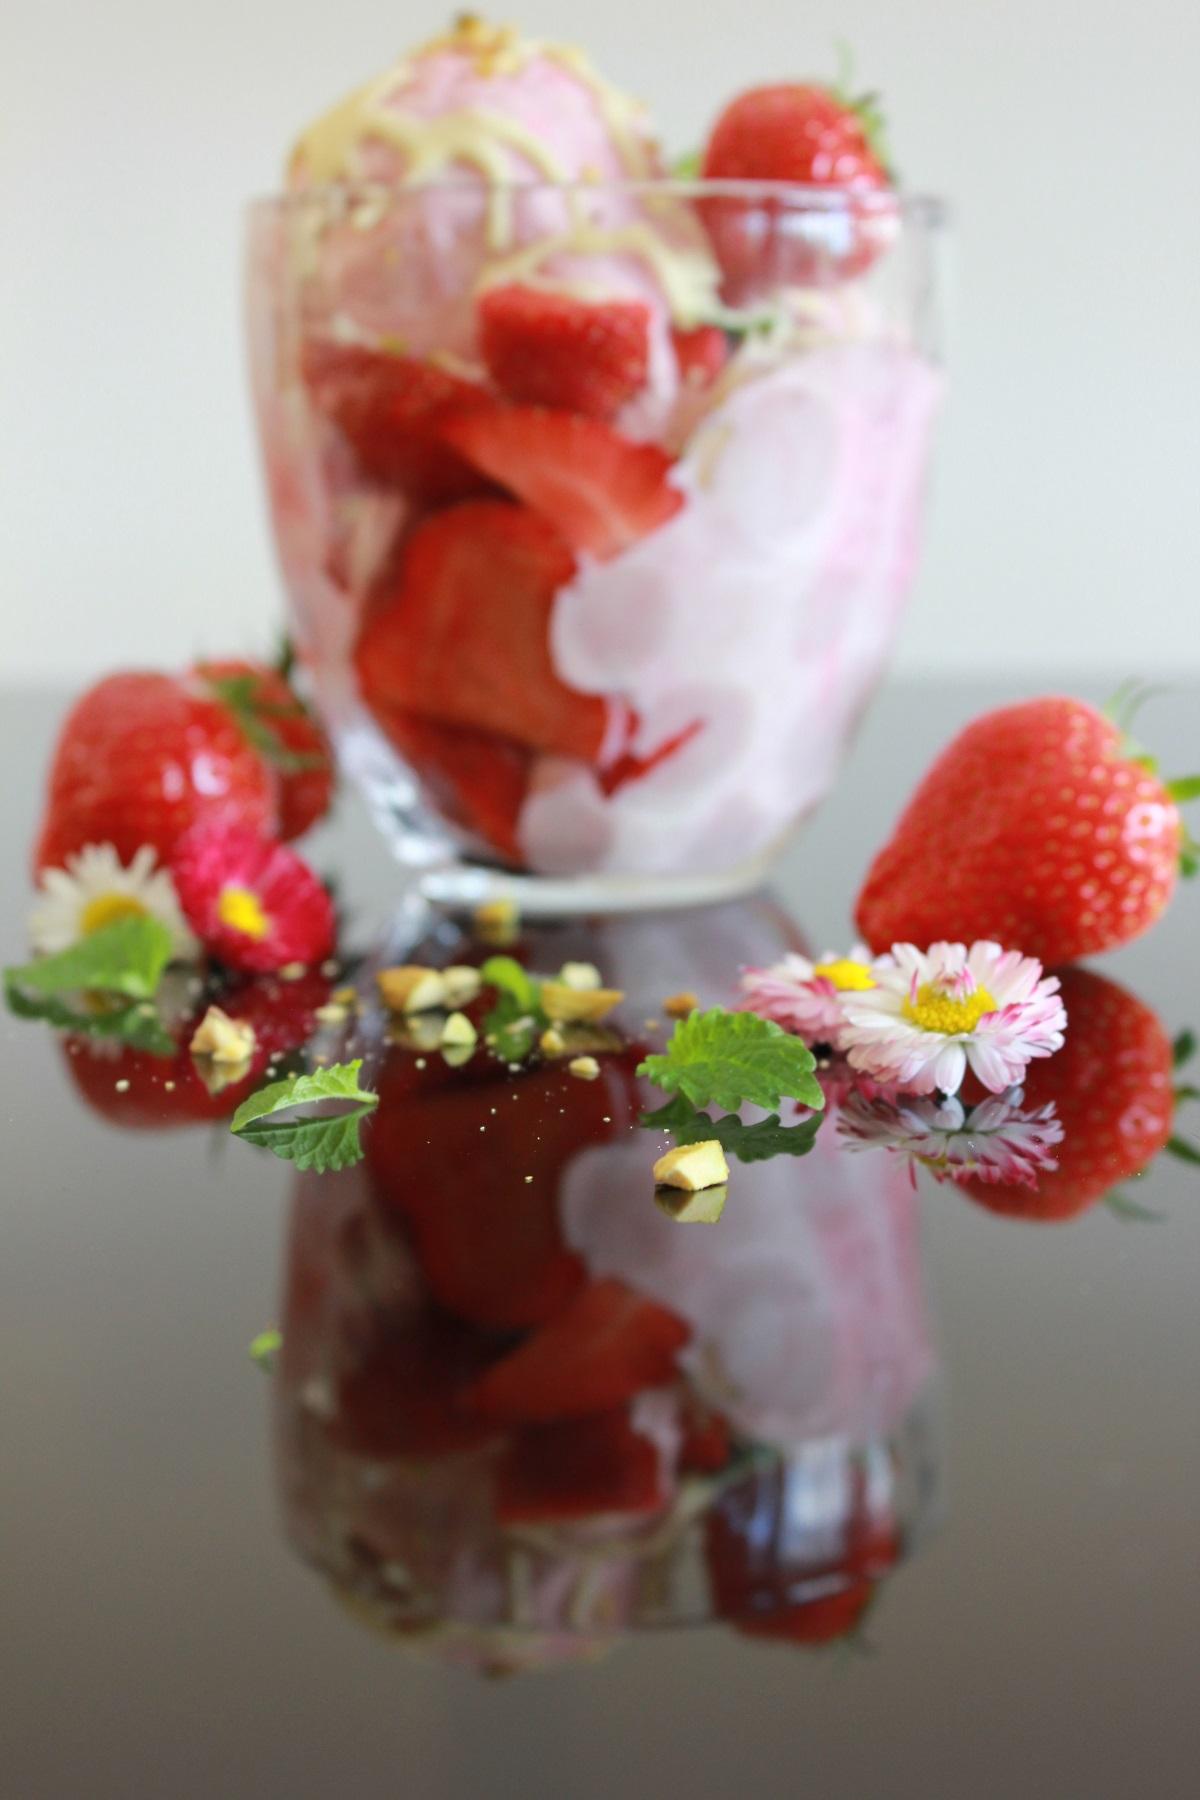 Hjemmelaget jordbærIs